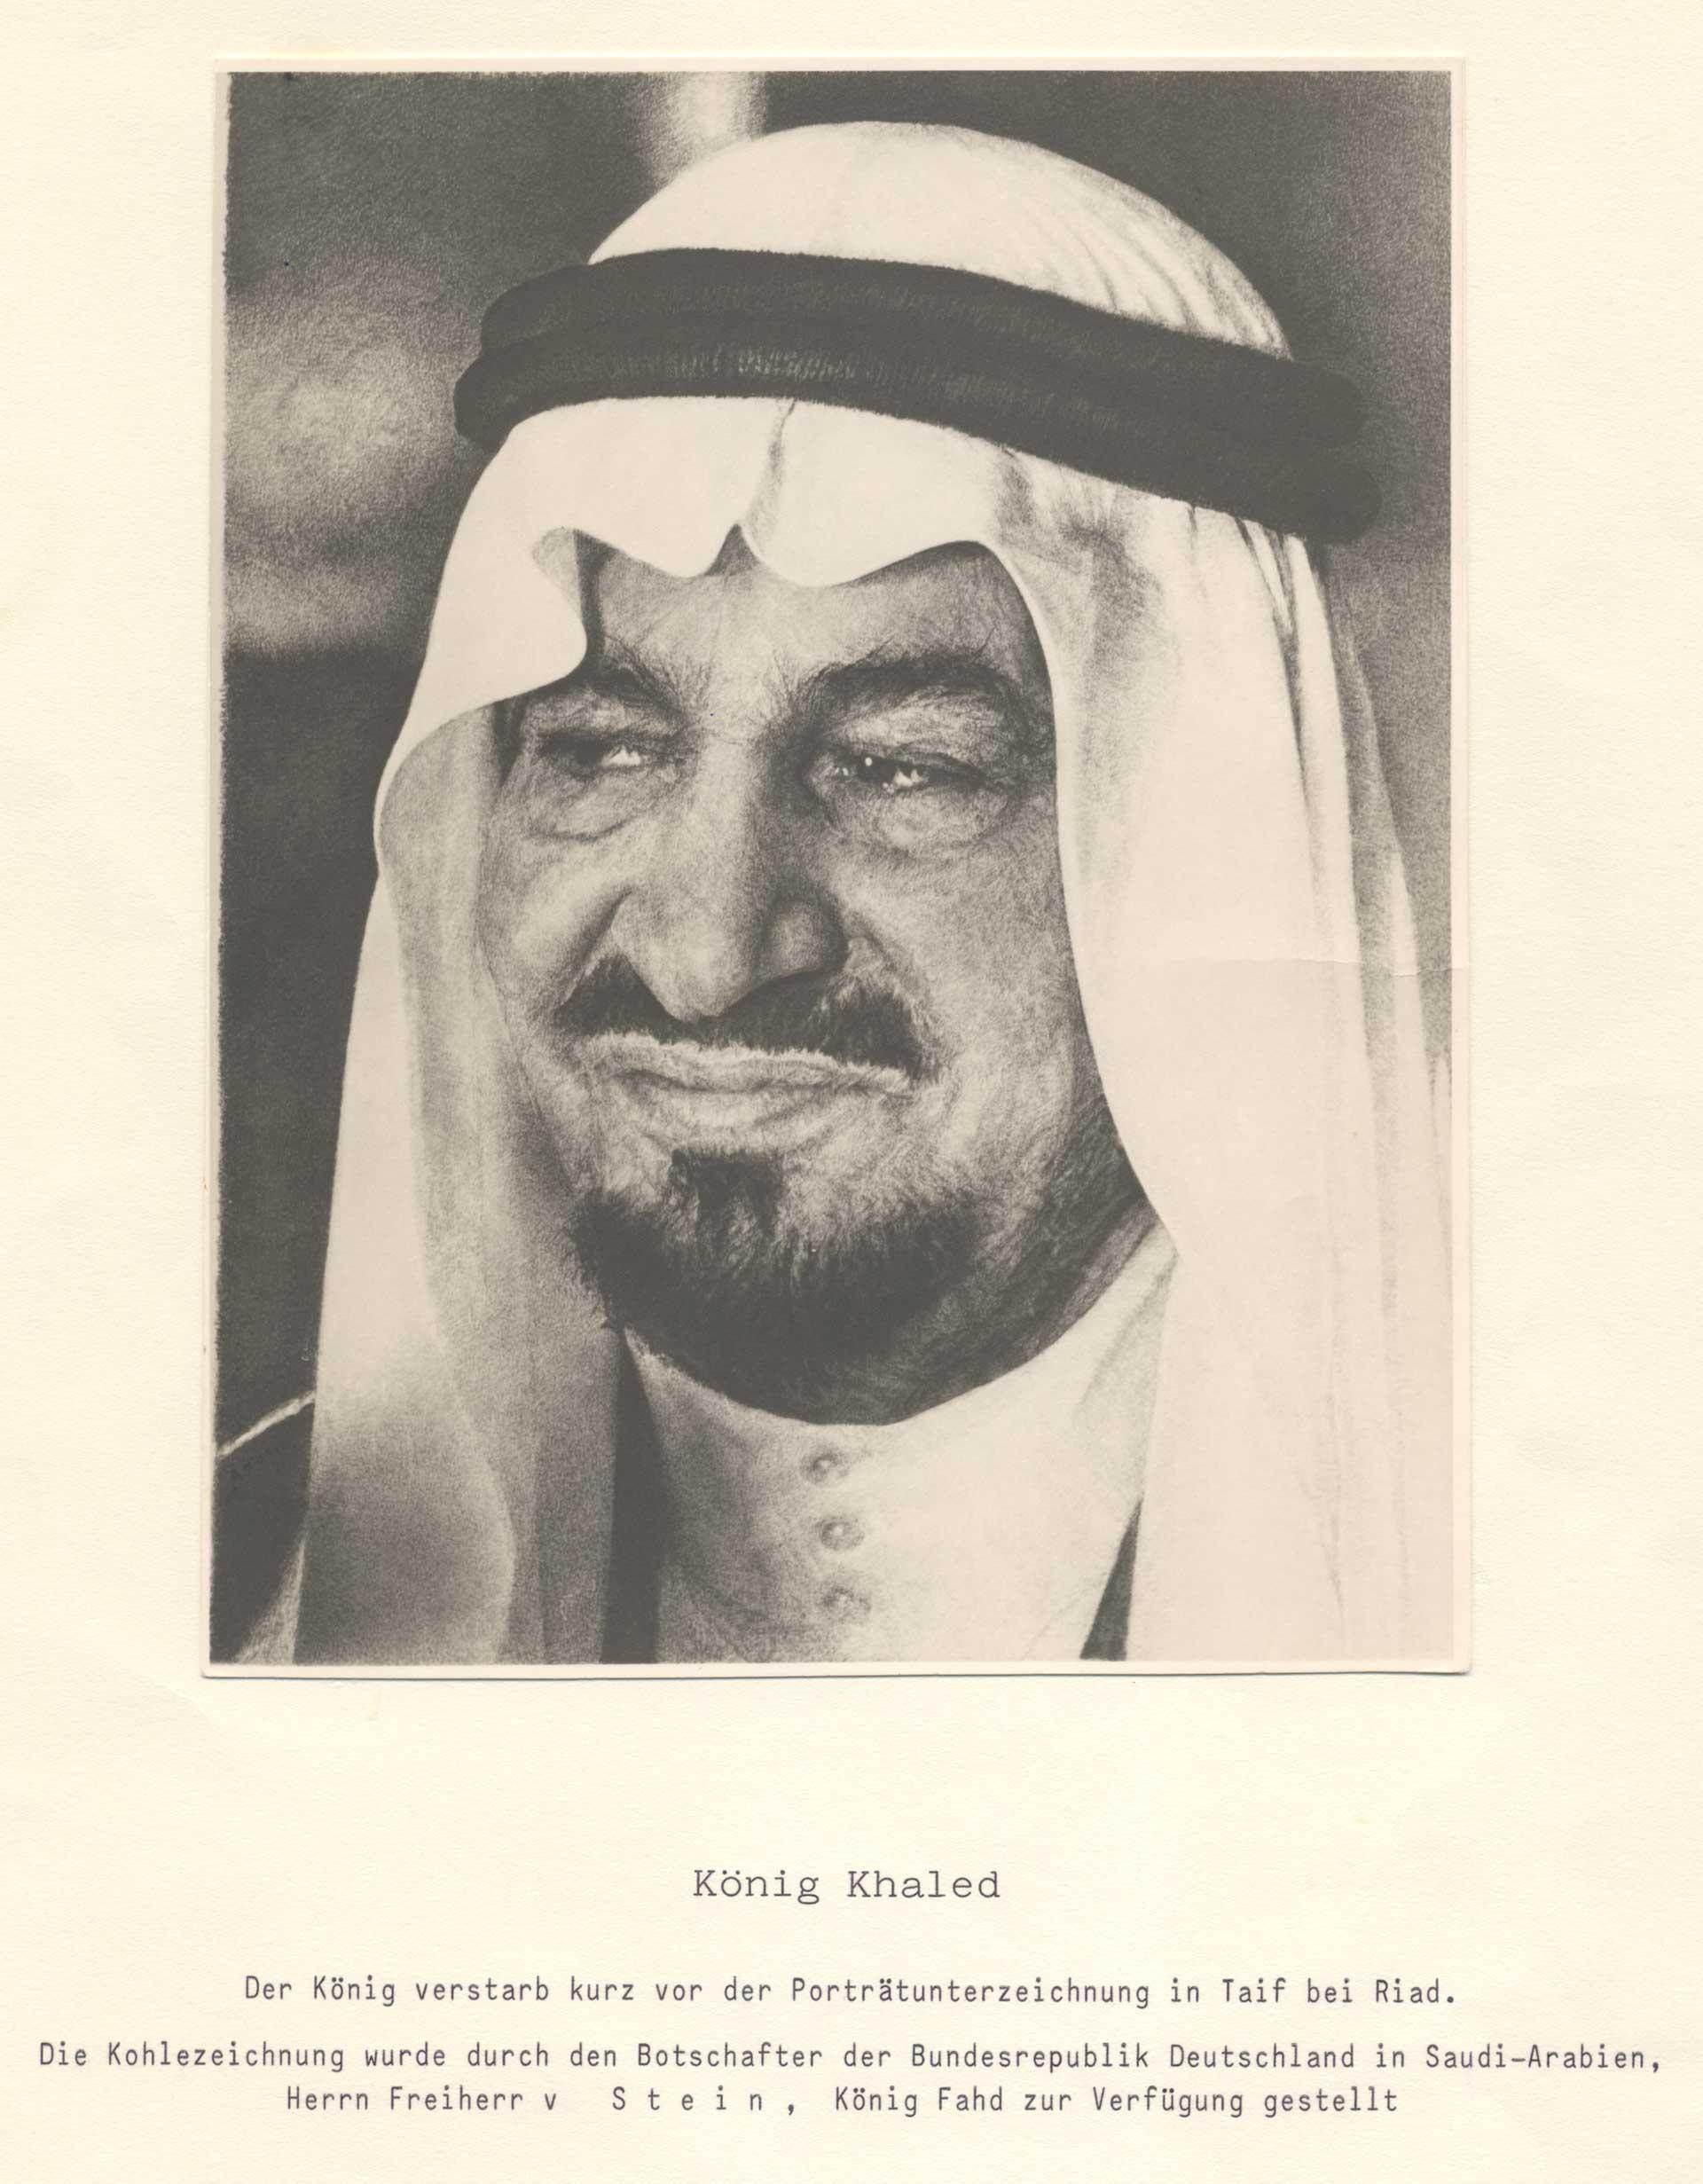 König Khalid